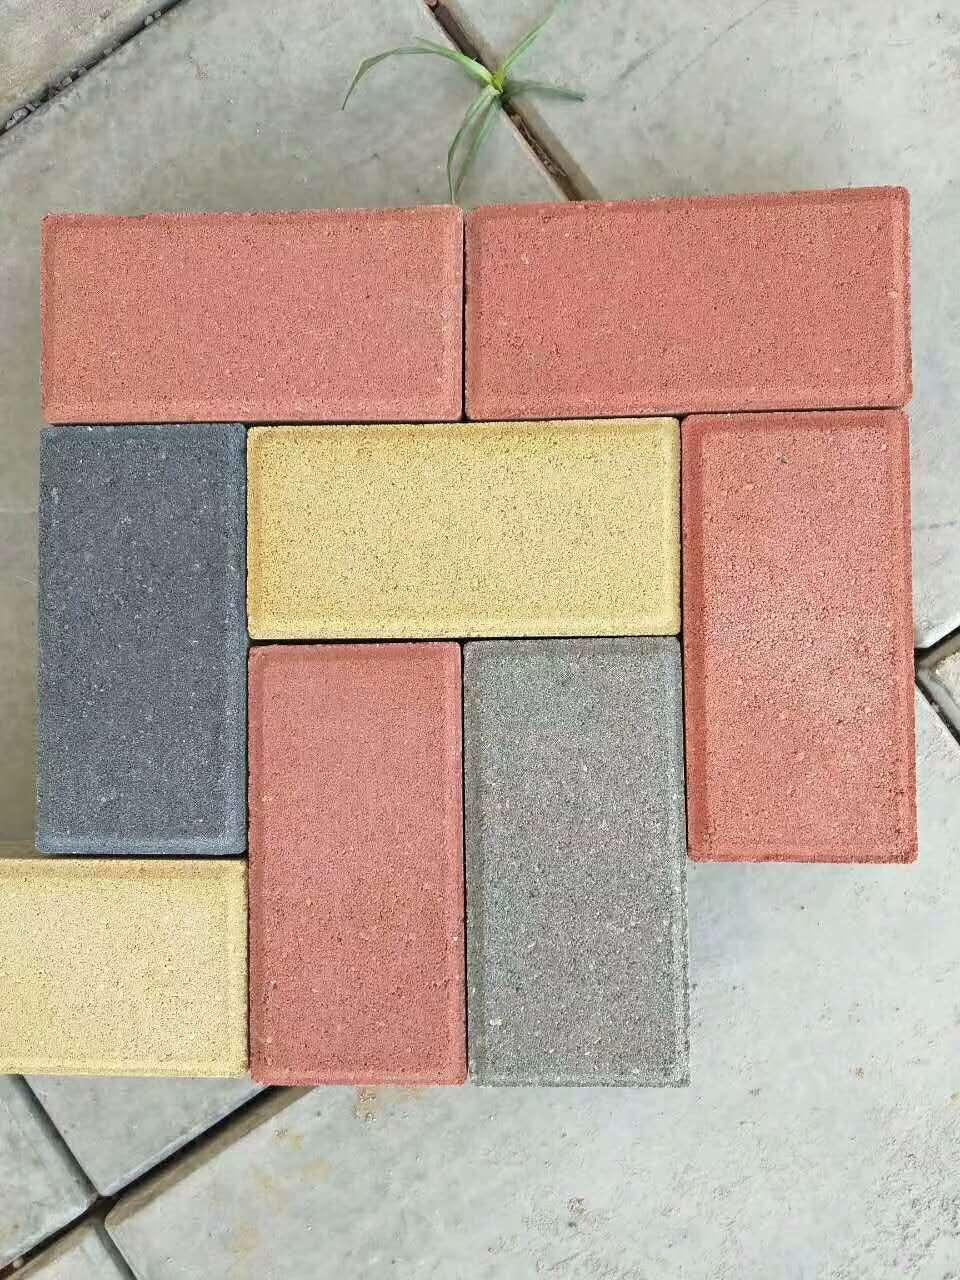 彩色透水砖-透水砖价格-河南透水砖厂家